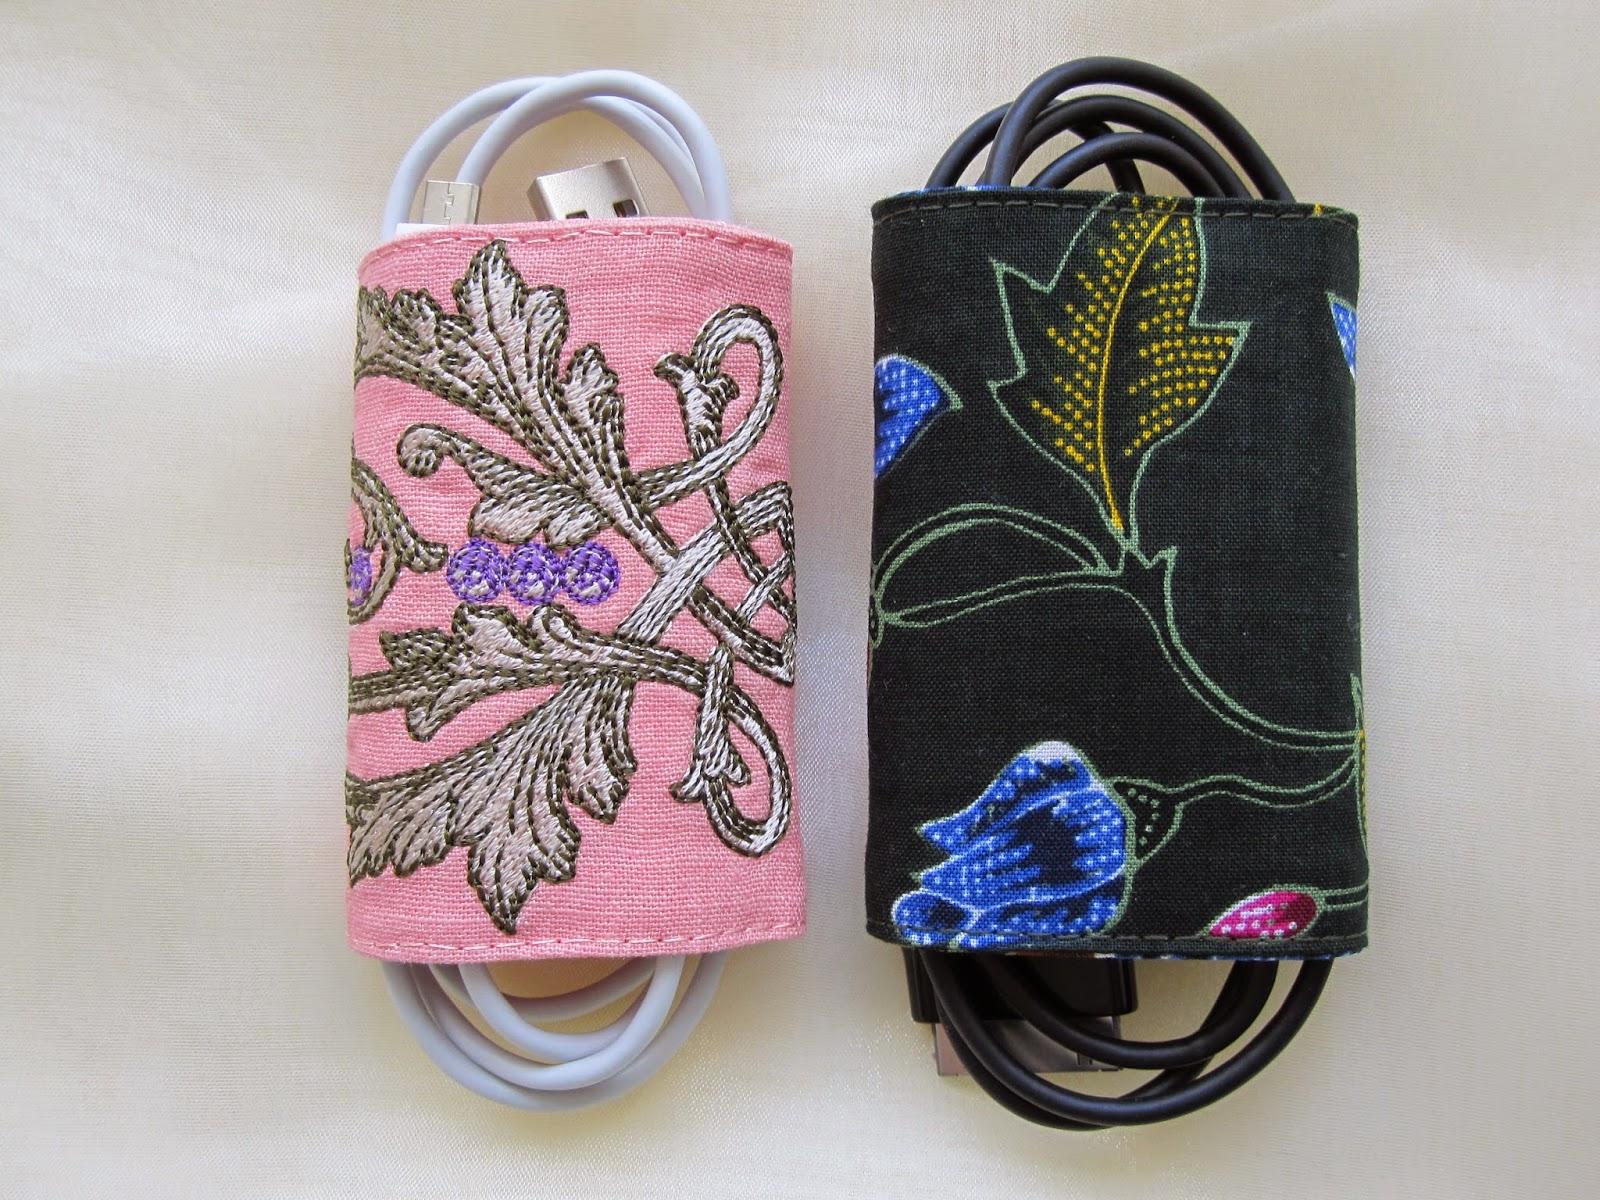 Borduur en naaimachine creaties: DIY: Kabelbinders van reststofjes maken